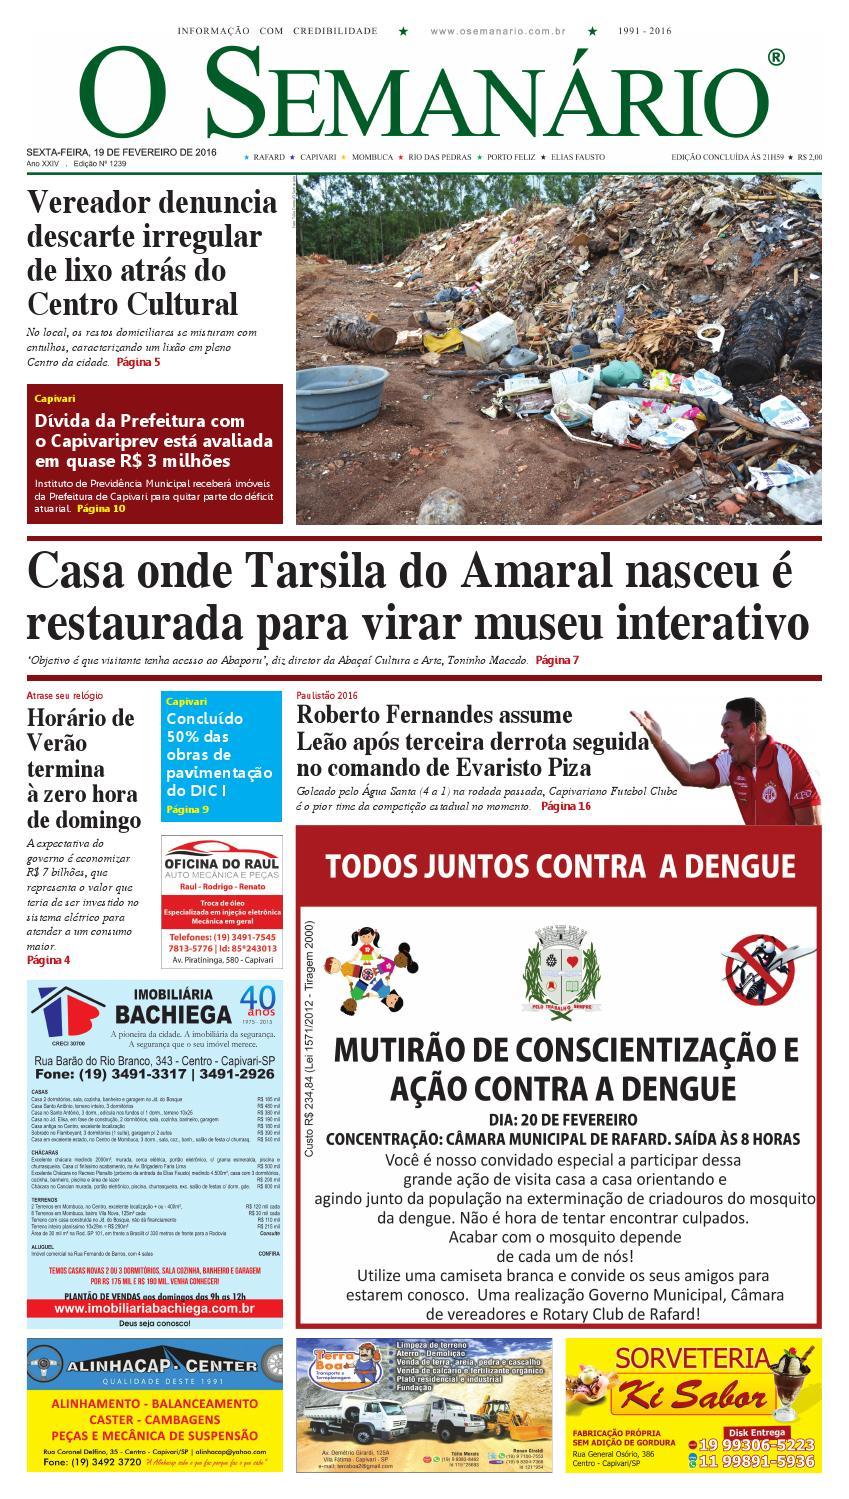 c09b3e0538 Jornal O Semanário Regional - Edição 1239 - 19 02 2016 by Jornal O  Semanário - issuu